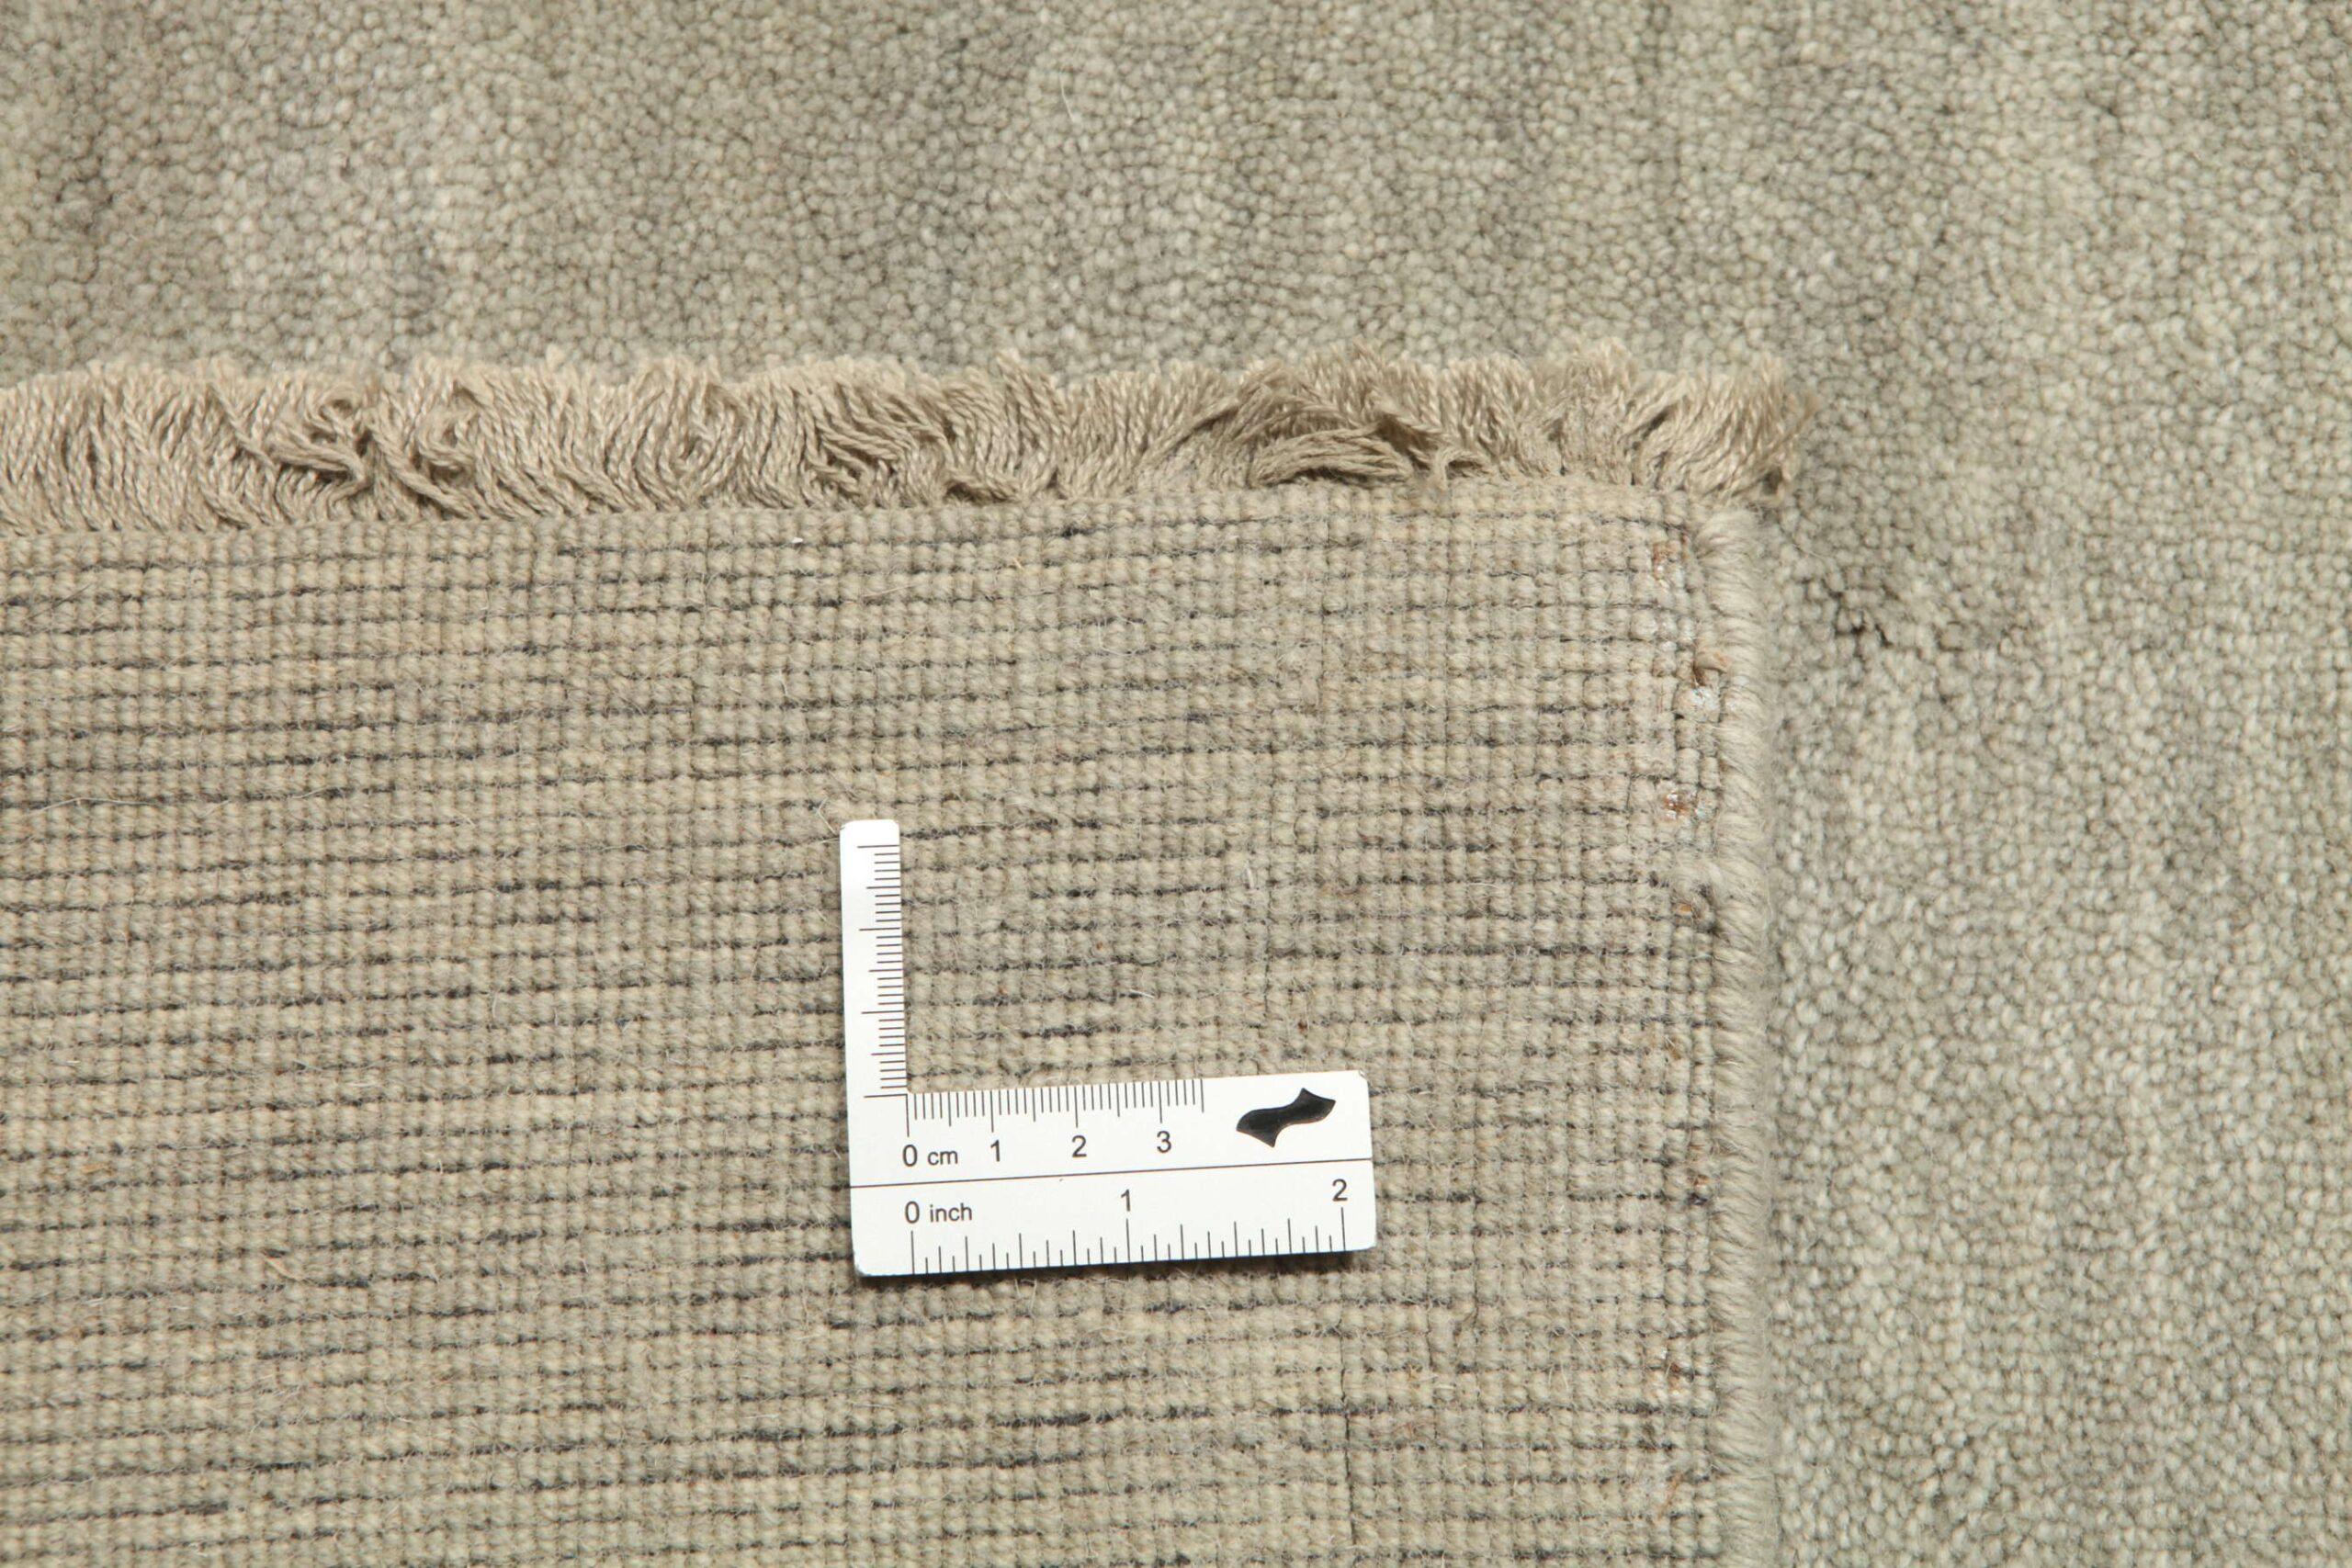 Full Size of Teppich 300x400 Handloom Fringes Grau Hellgrn Cvd13988 Indische Badezimmer Esstisch Steinteppich Bad Wohnzimmer Teppiche Küche Schlafzimmer Für Wohnzimmer Teppich 300x400